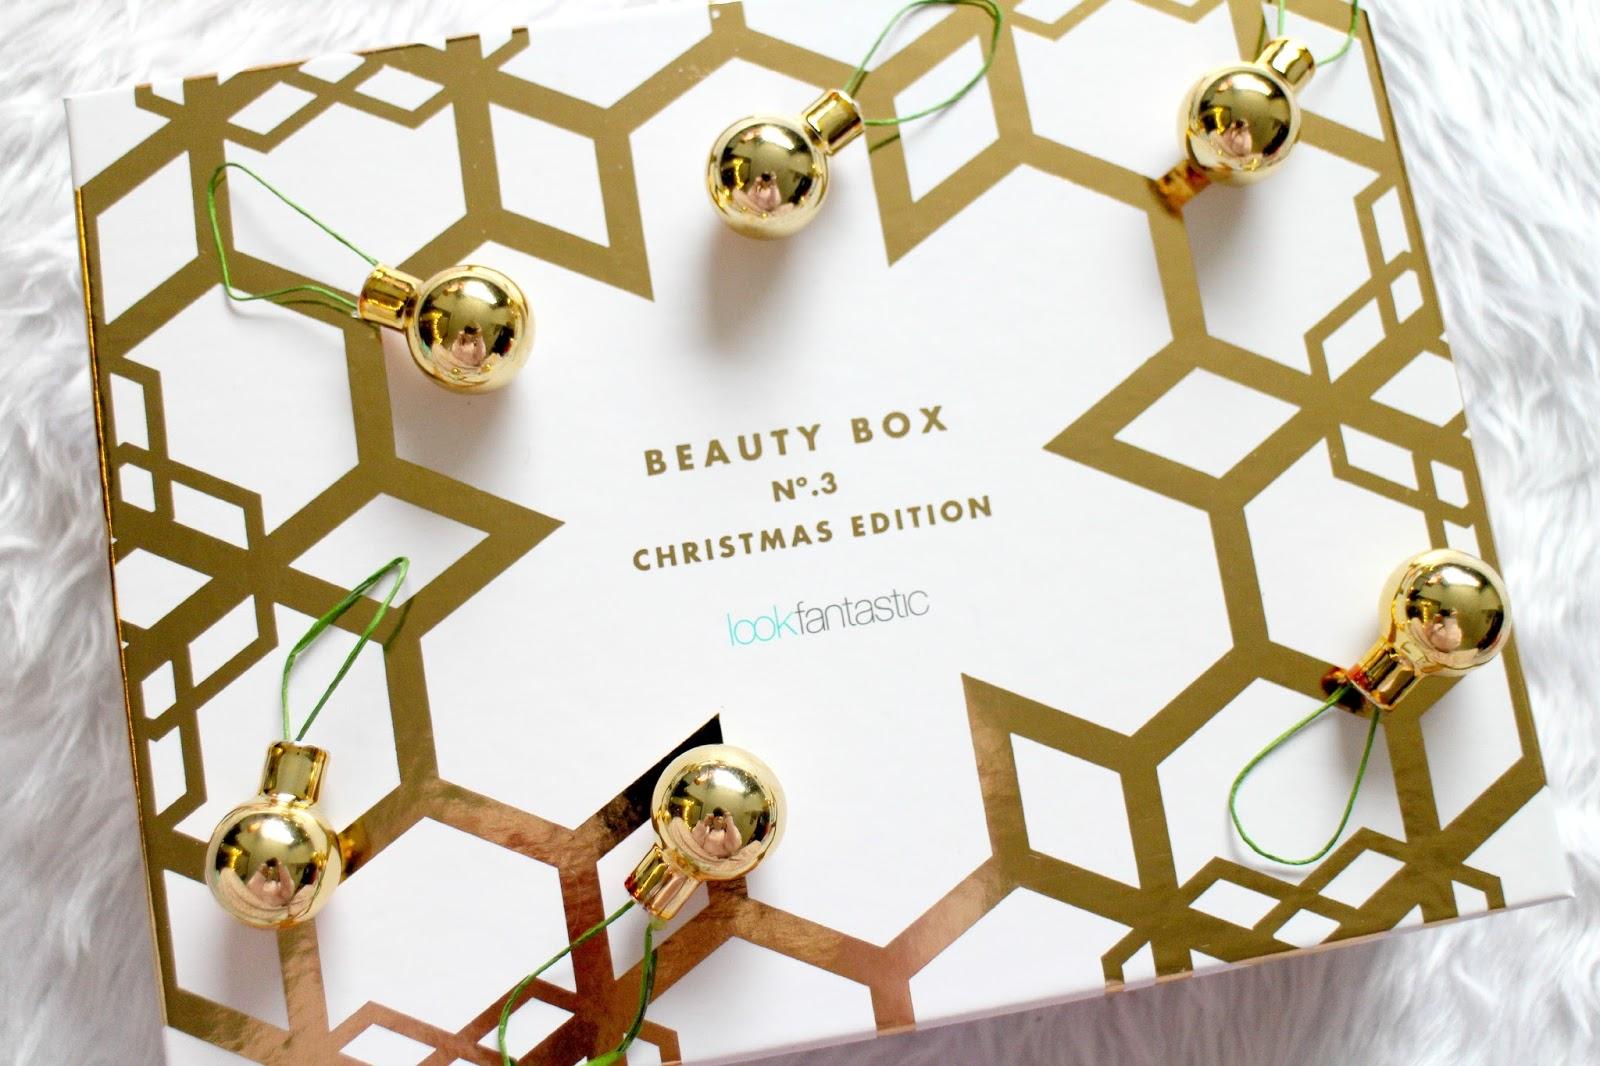 Look Fantastic Beauty Box Christmas